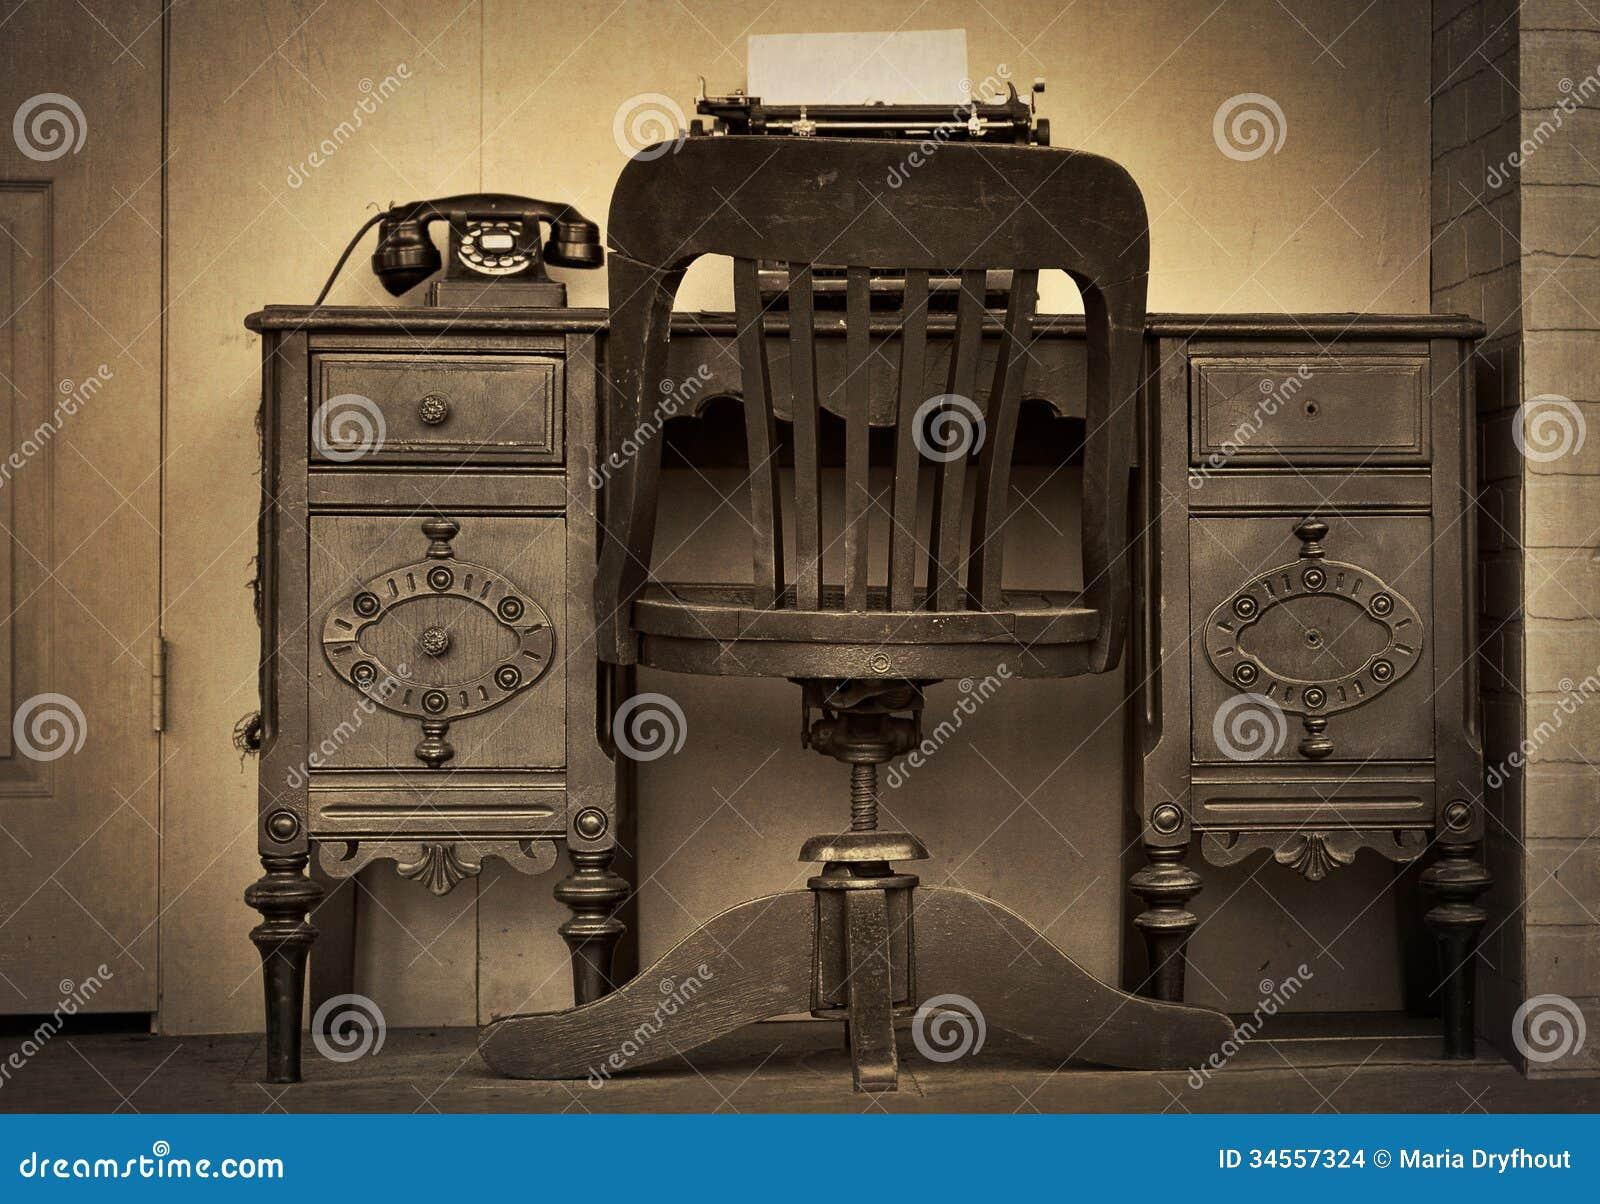 Amazing Antique Office Desk vintage office desk Desk Fashioned Office Old